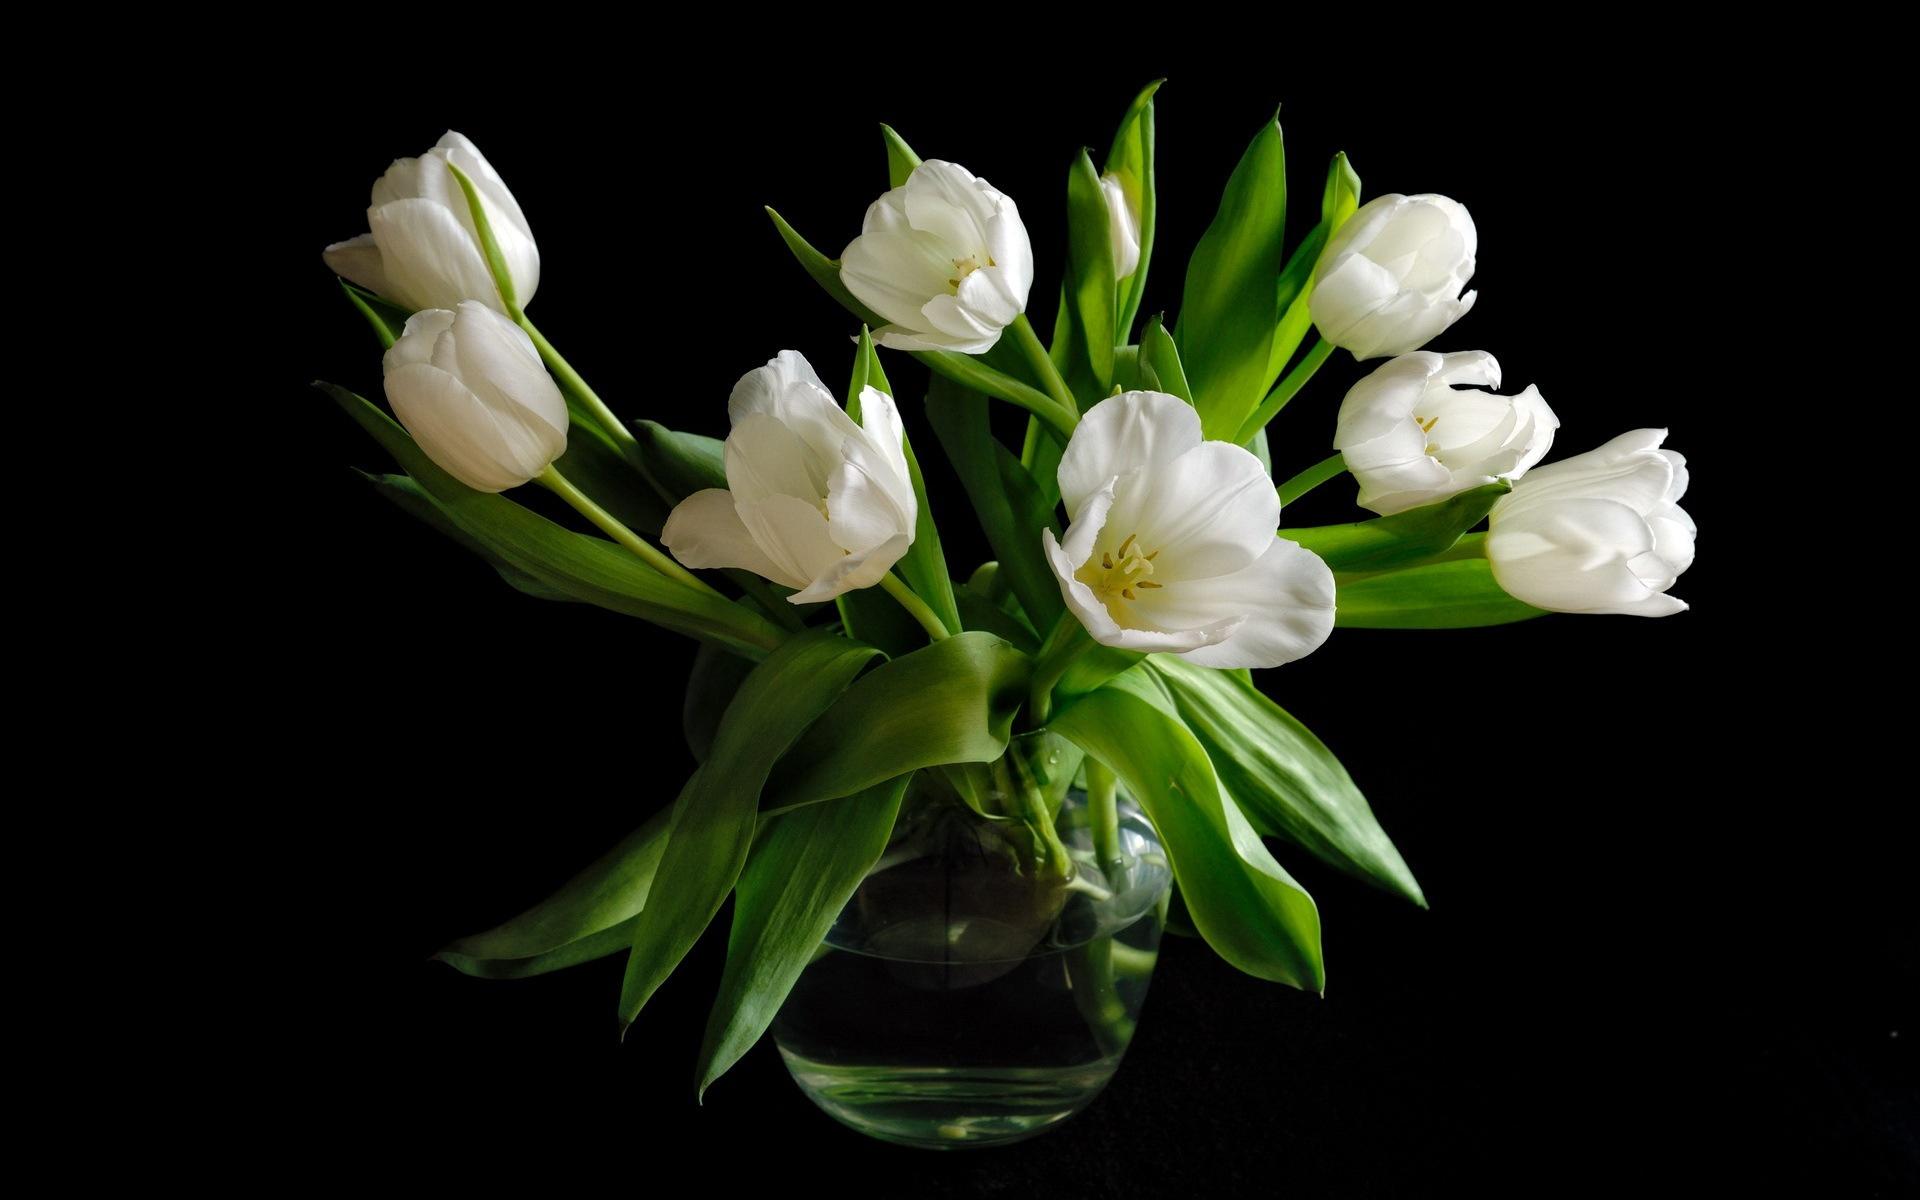 Fonds d 39 cran vase fleurs de tulipes blanches fond noir for Bouquet de fleurs hd